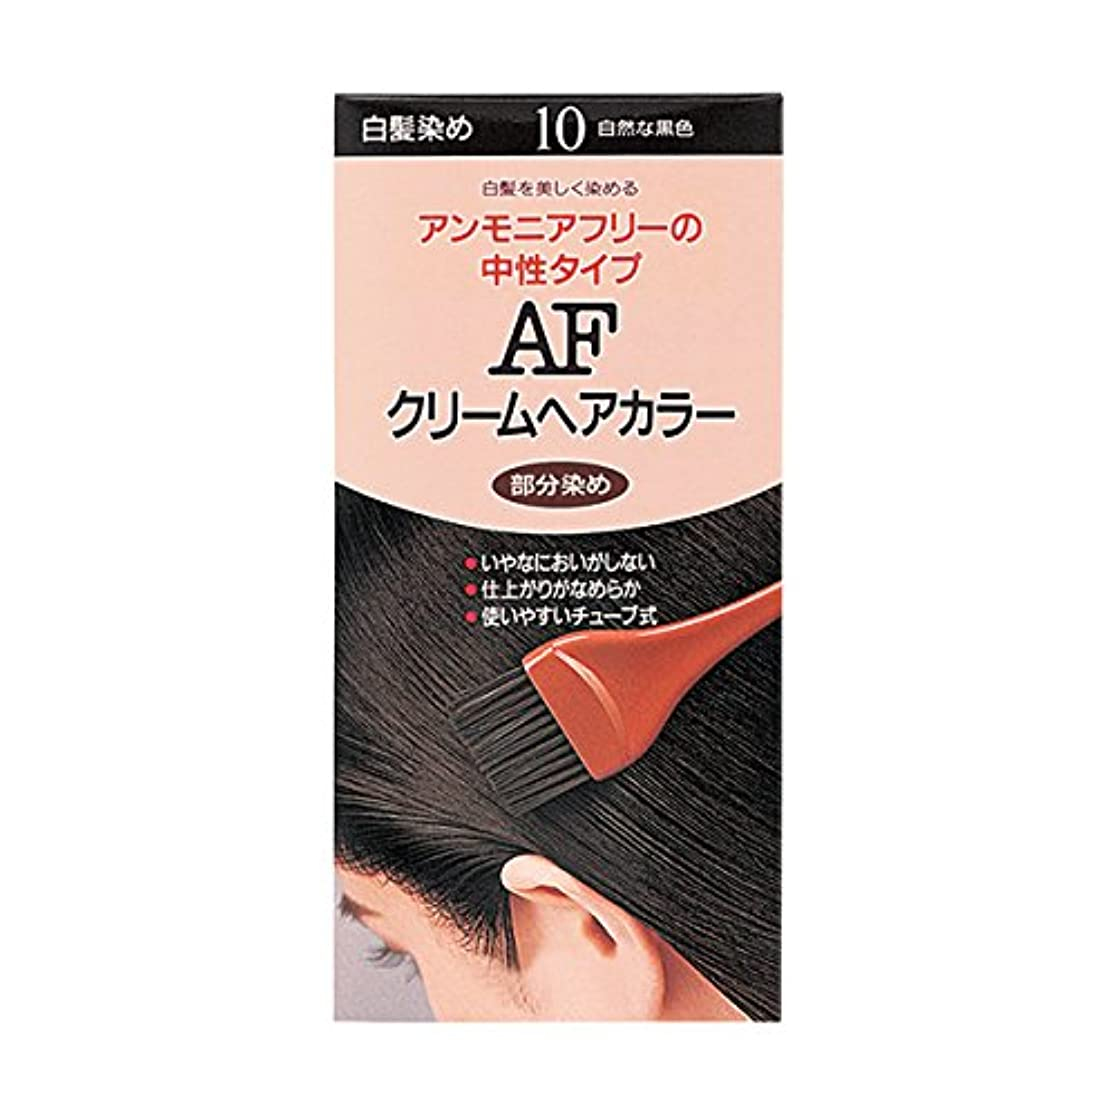 余計なモールス信号勇気のあるヘアカラー AFクリームヘアカラー 10 【医薬部外品】